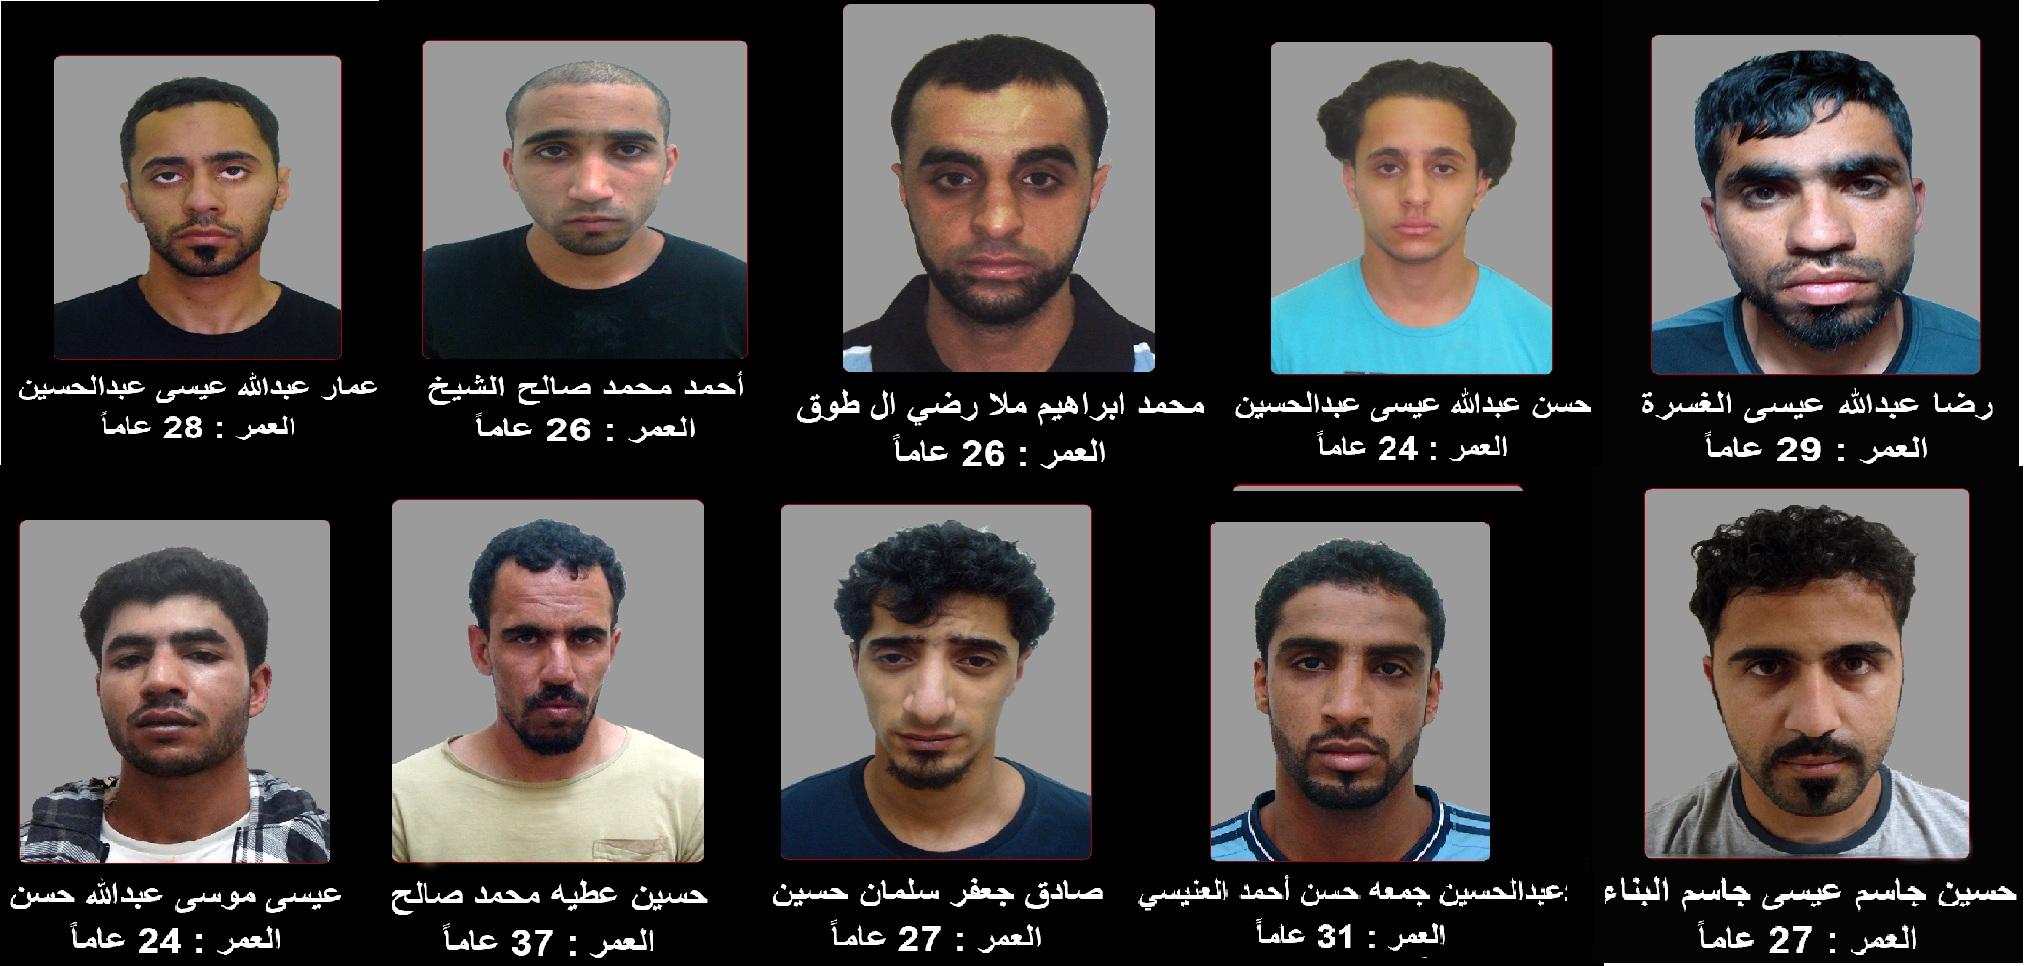 بالصور الارهاب في البحرين , صو ر مختلفة لشرطة البحرين 2717 5